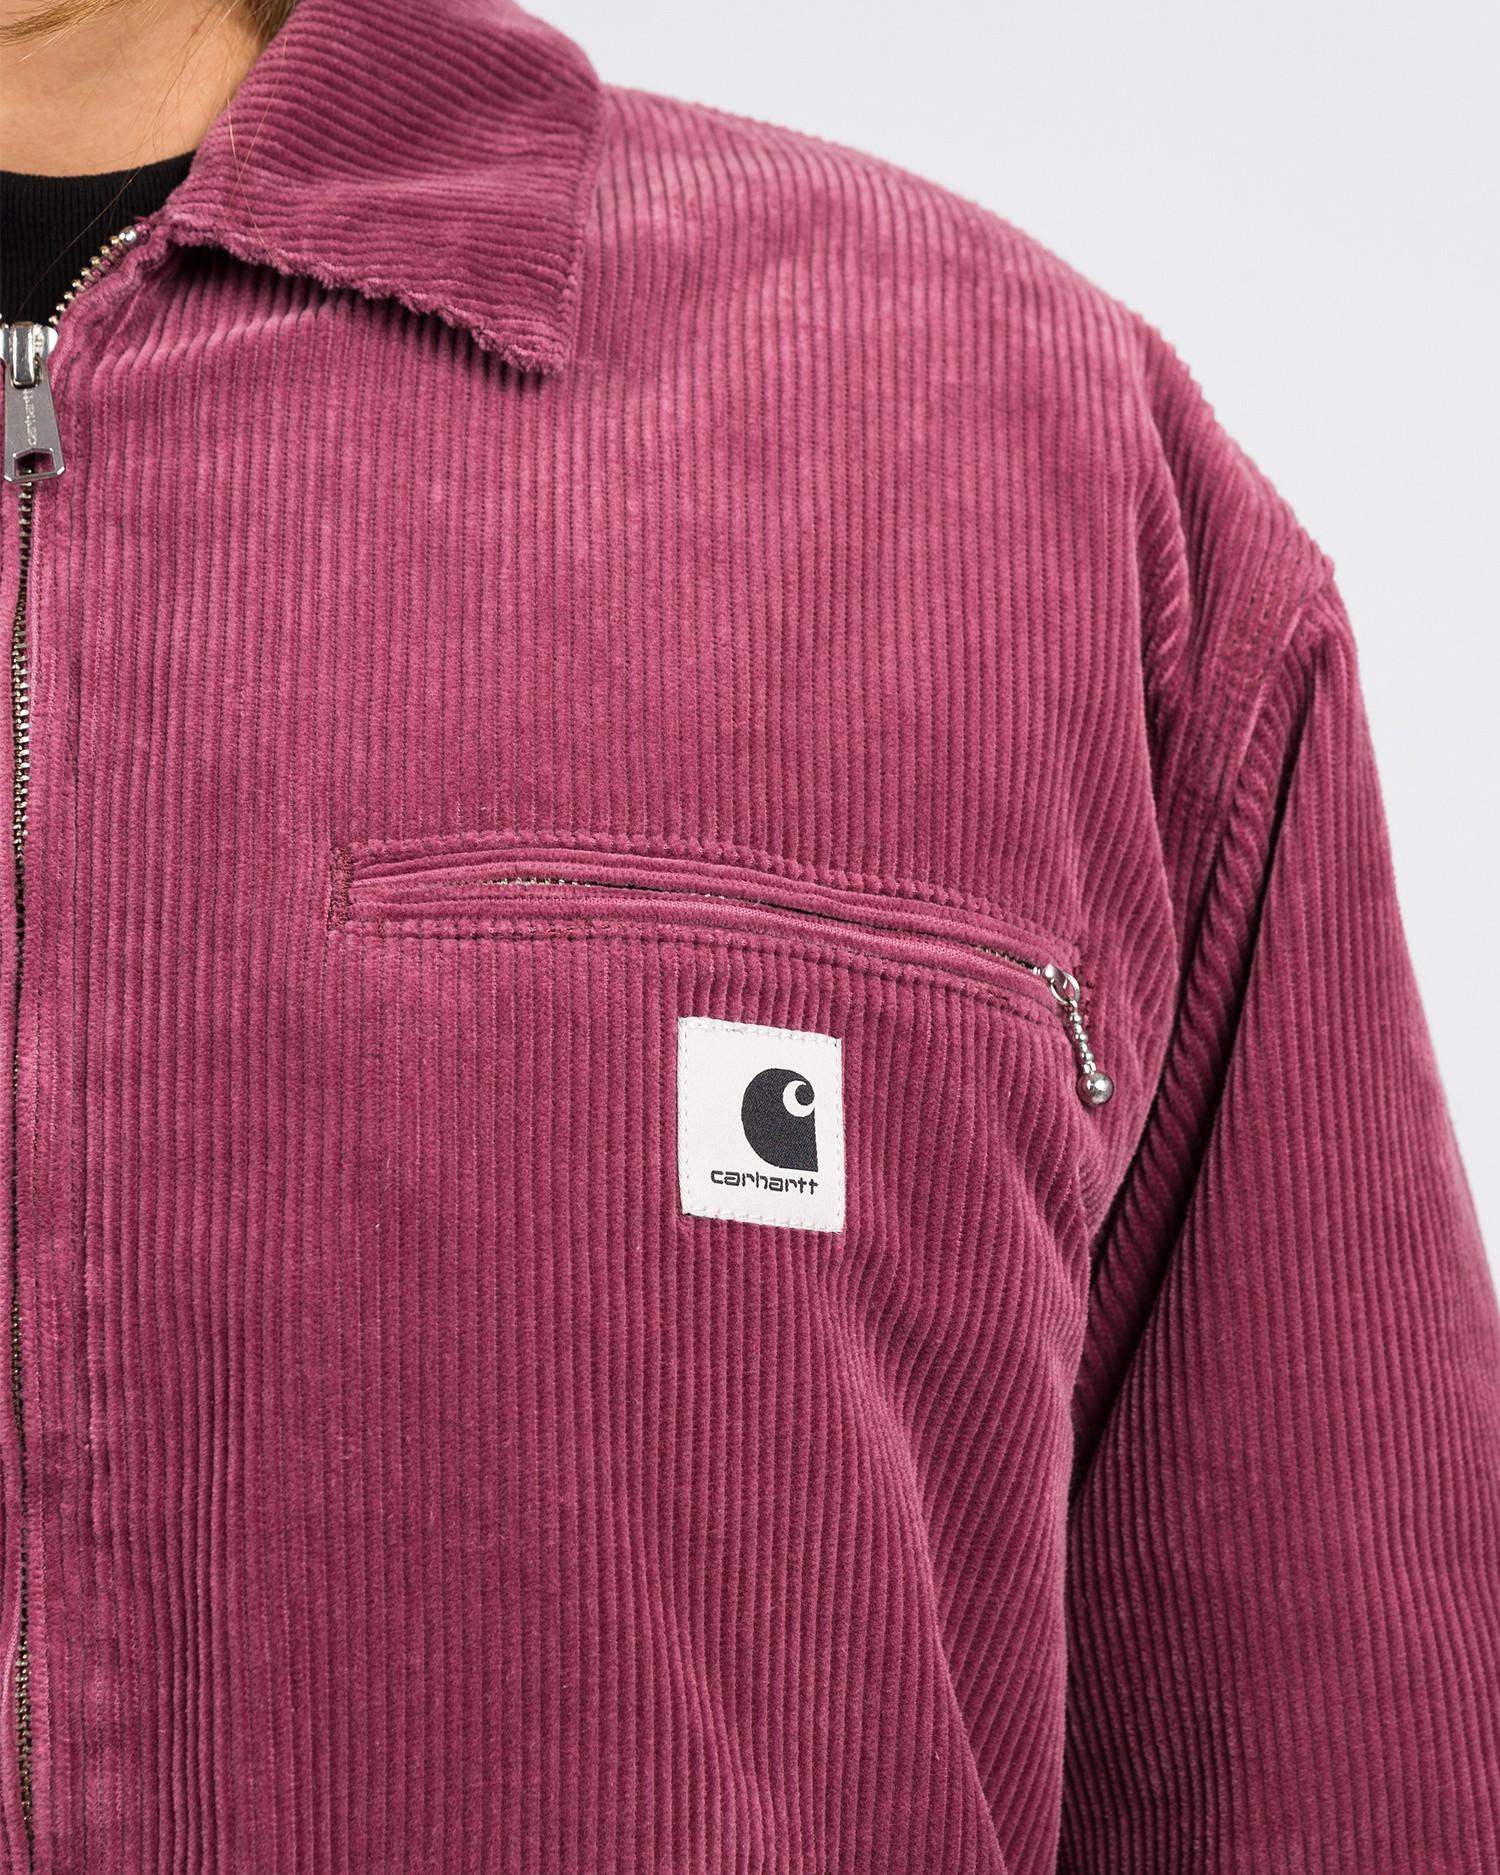 Carhartt Women's Great Detroit Jacket Dusty Fuchsia rinsed